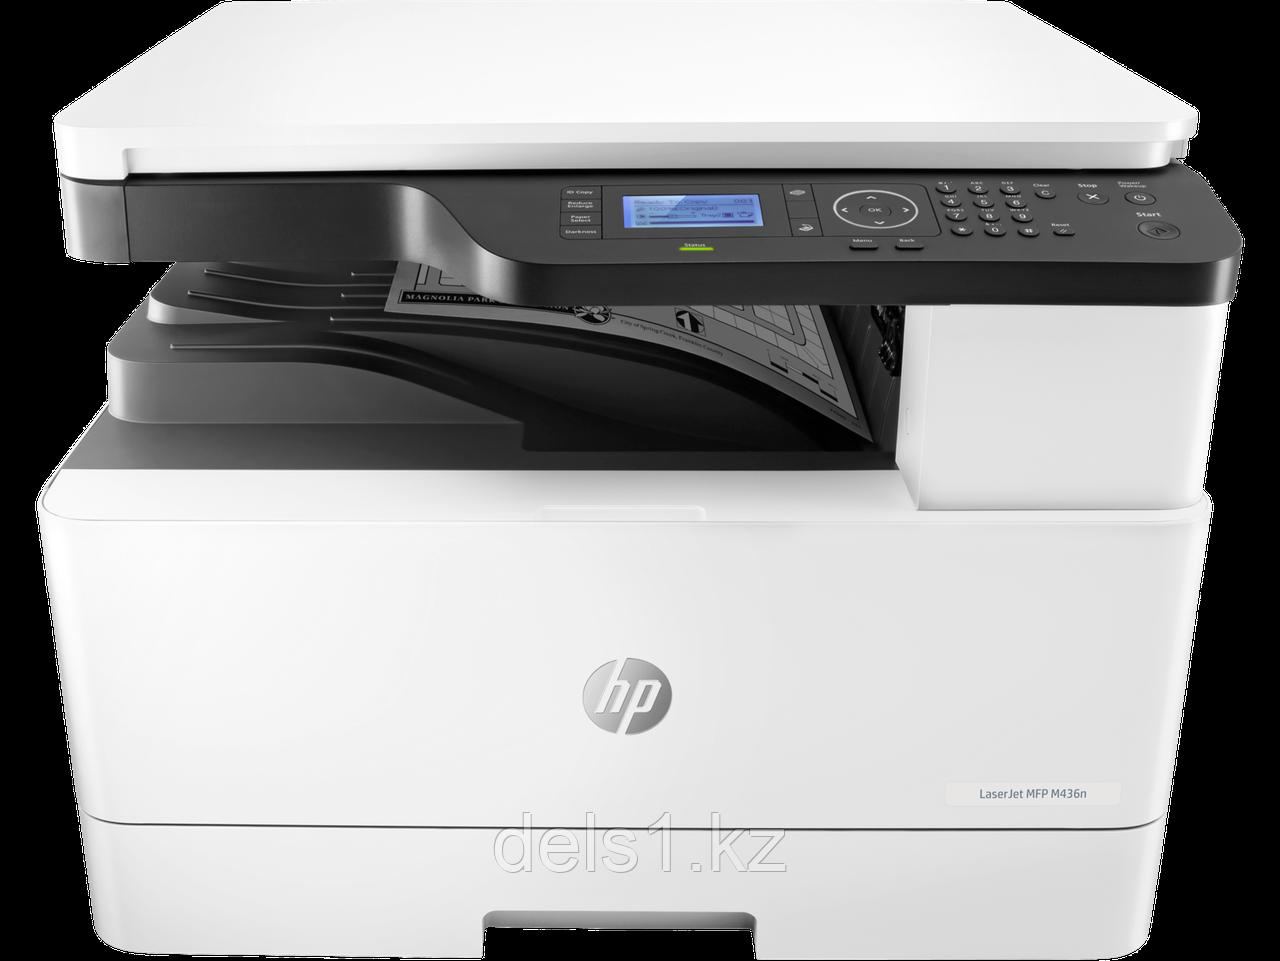 Черно-белое МФУ А3 HP LaserJet M436n